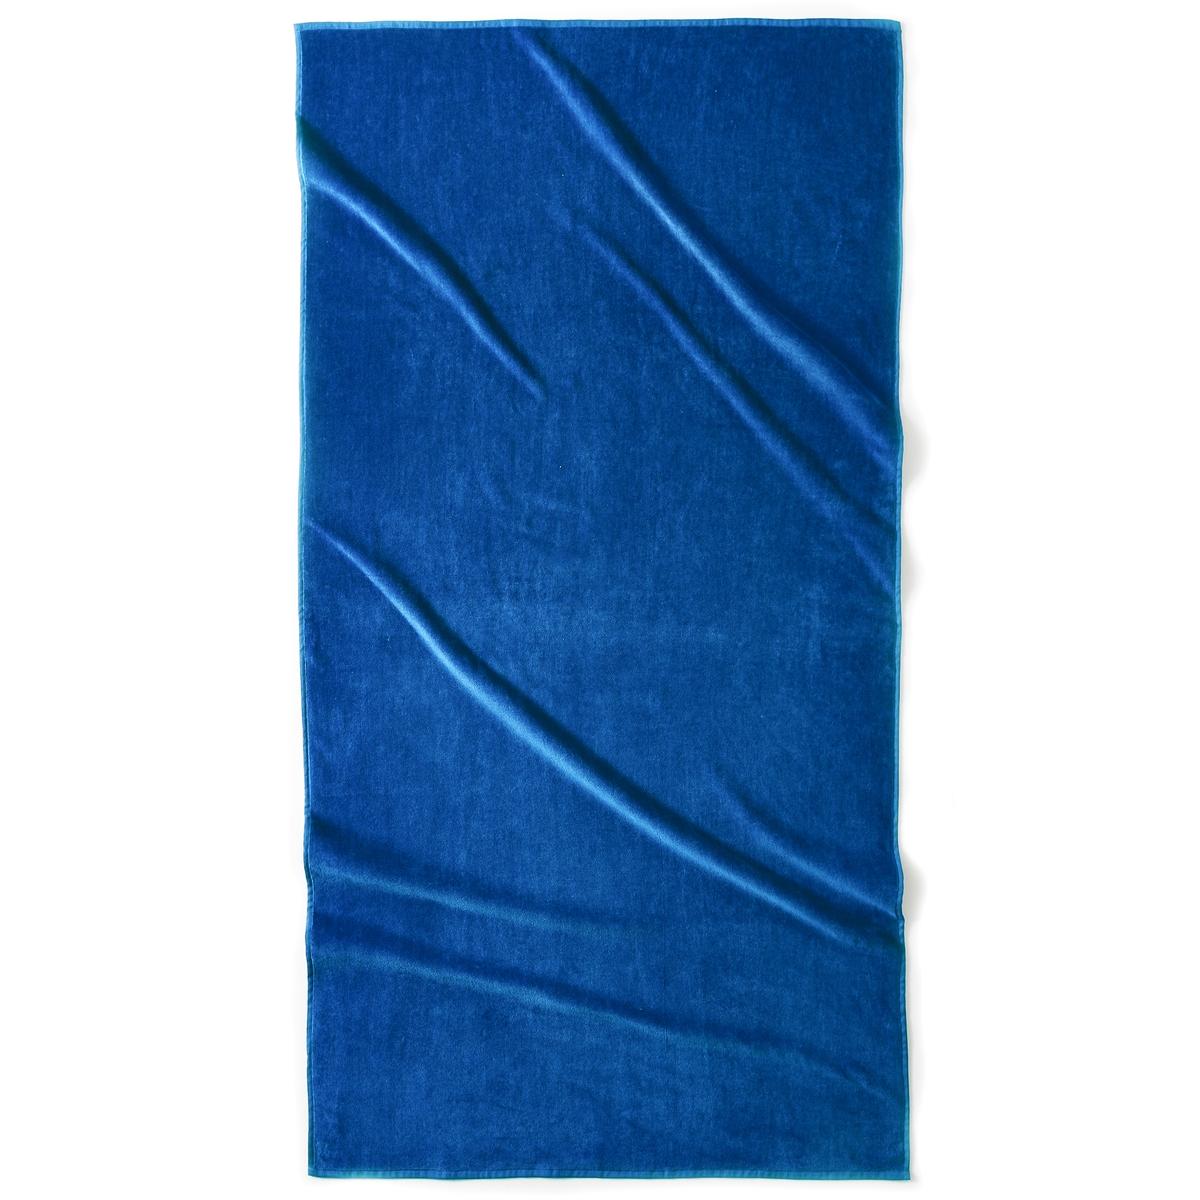 Полотенце пляжное ESTORILПляжное полотенце из 100% хлопка, 420 г/м?. 1 сторона из велюра, 1 сторона из махровой ткани. Размер полотенца: 90 x 175 см. Стирка при 40°.<br><br>Цвет: гренадин,зеленый анис,синий морской волны,темно-серый,фиолетовый<br>Размер: единый размер